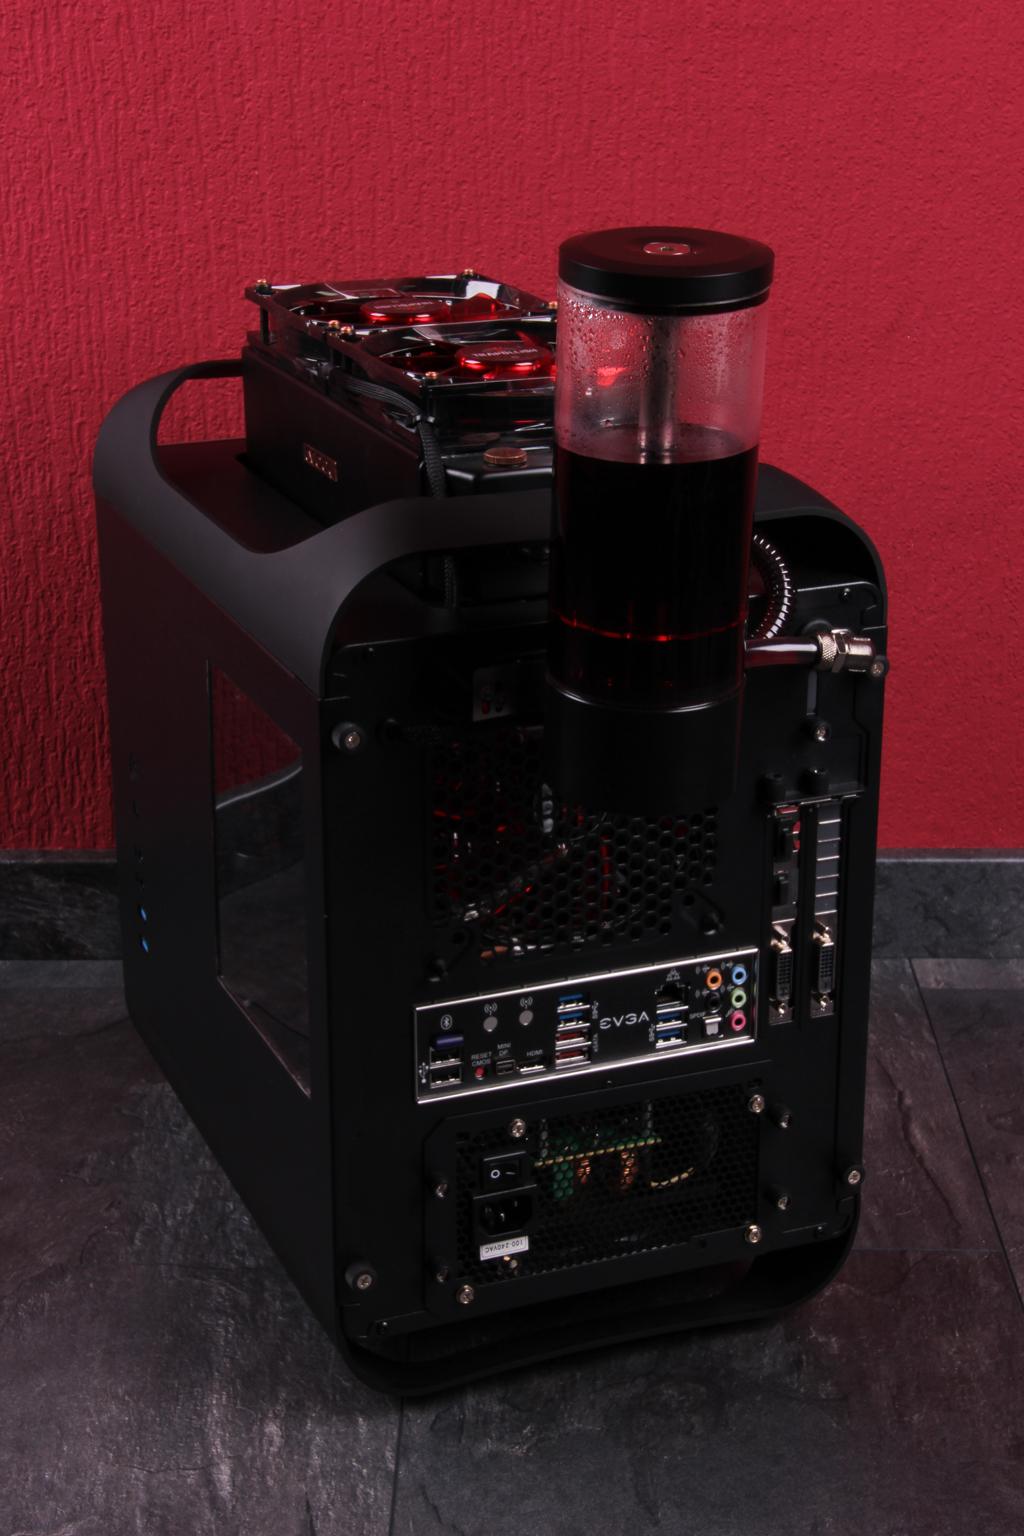 Bitfenix Mini-ITX Wassermod-img_9518.jpg